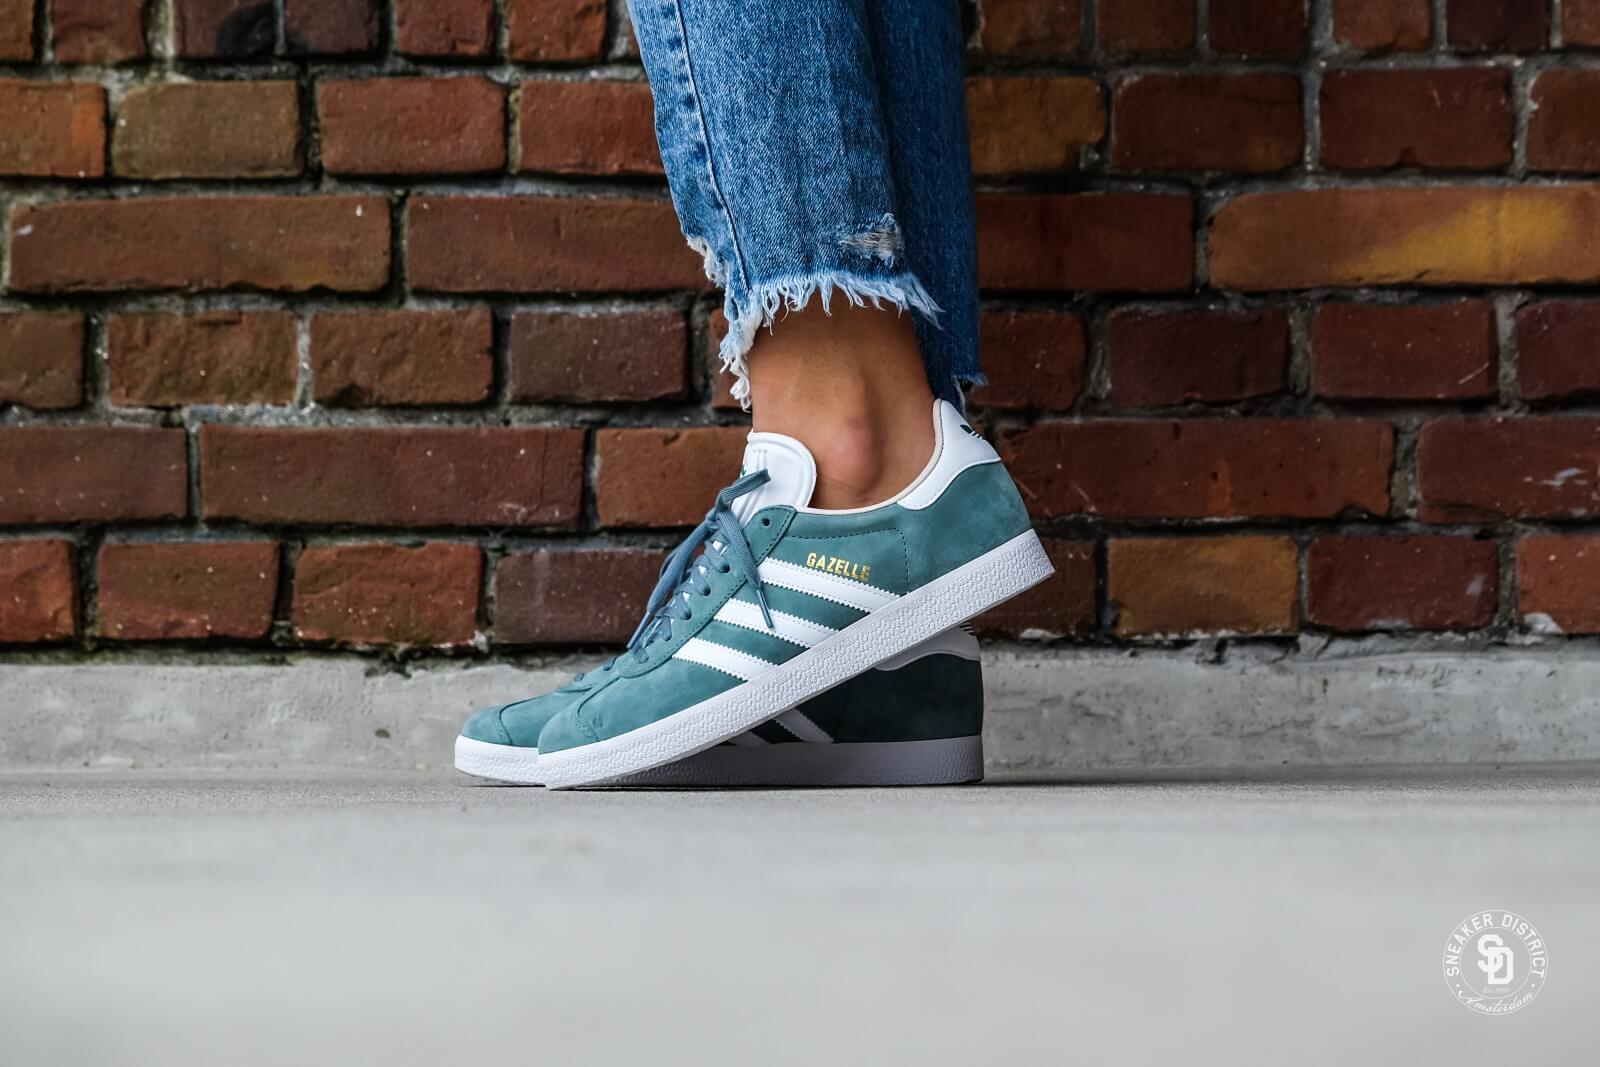 Adidas Women's Gazelle Raw Green/Footwear White-Linen